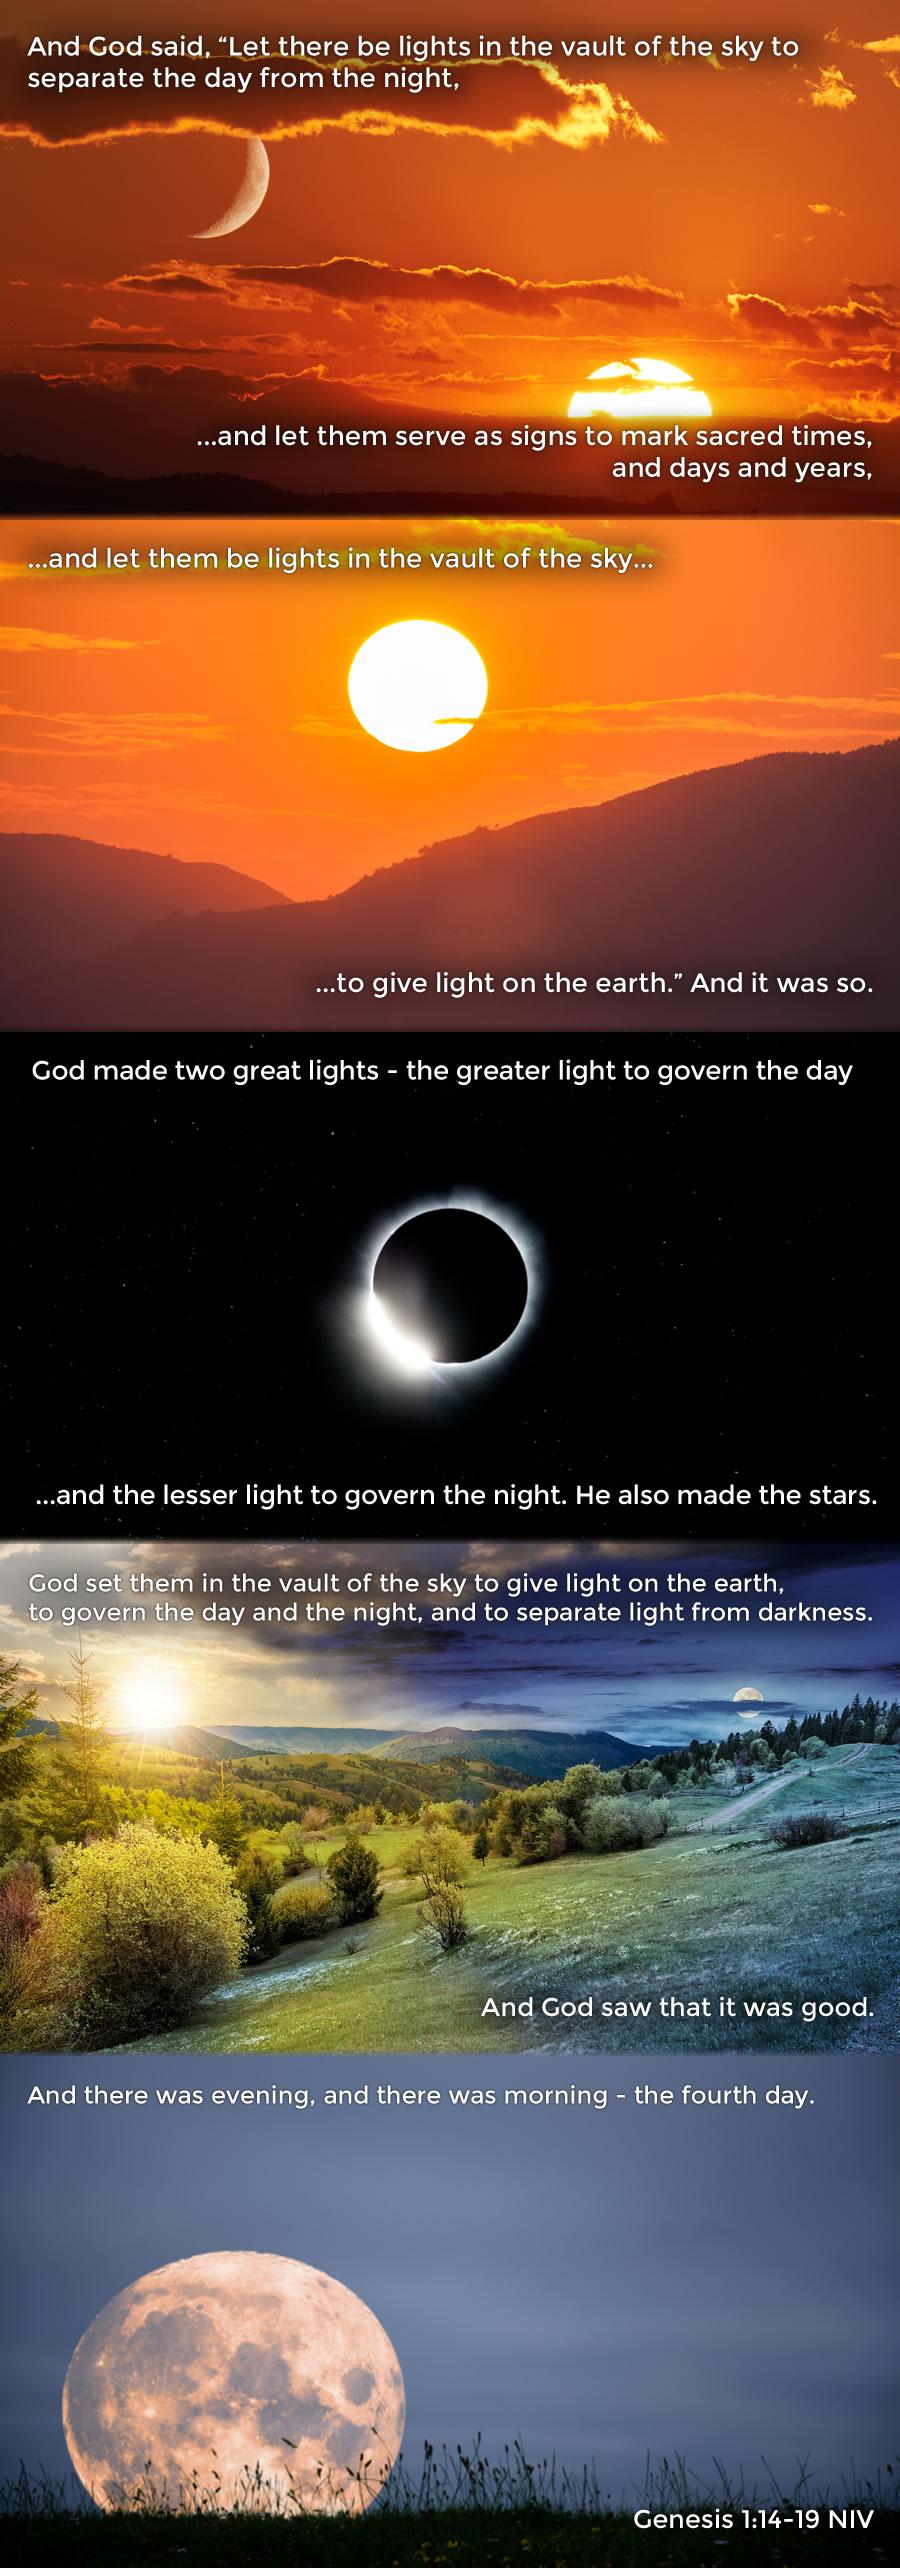 Genesis 1.14-19